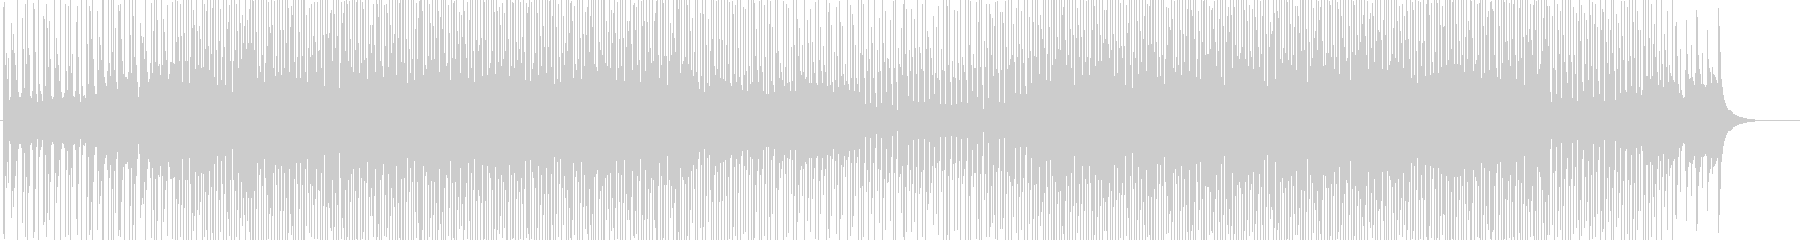 アコースティック-家族-爽快-ポップ-森の未再生の波形